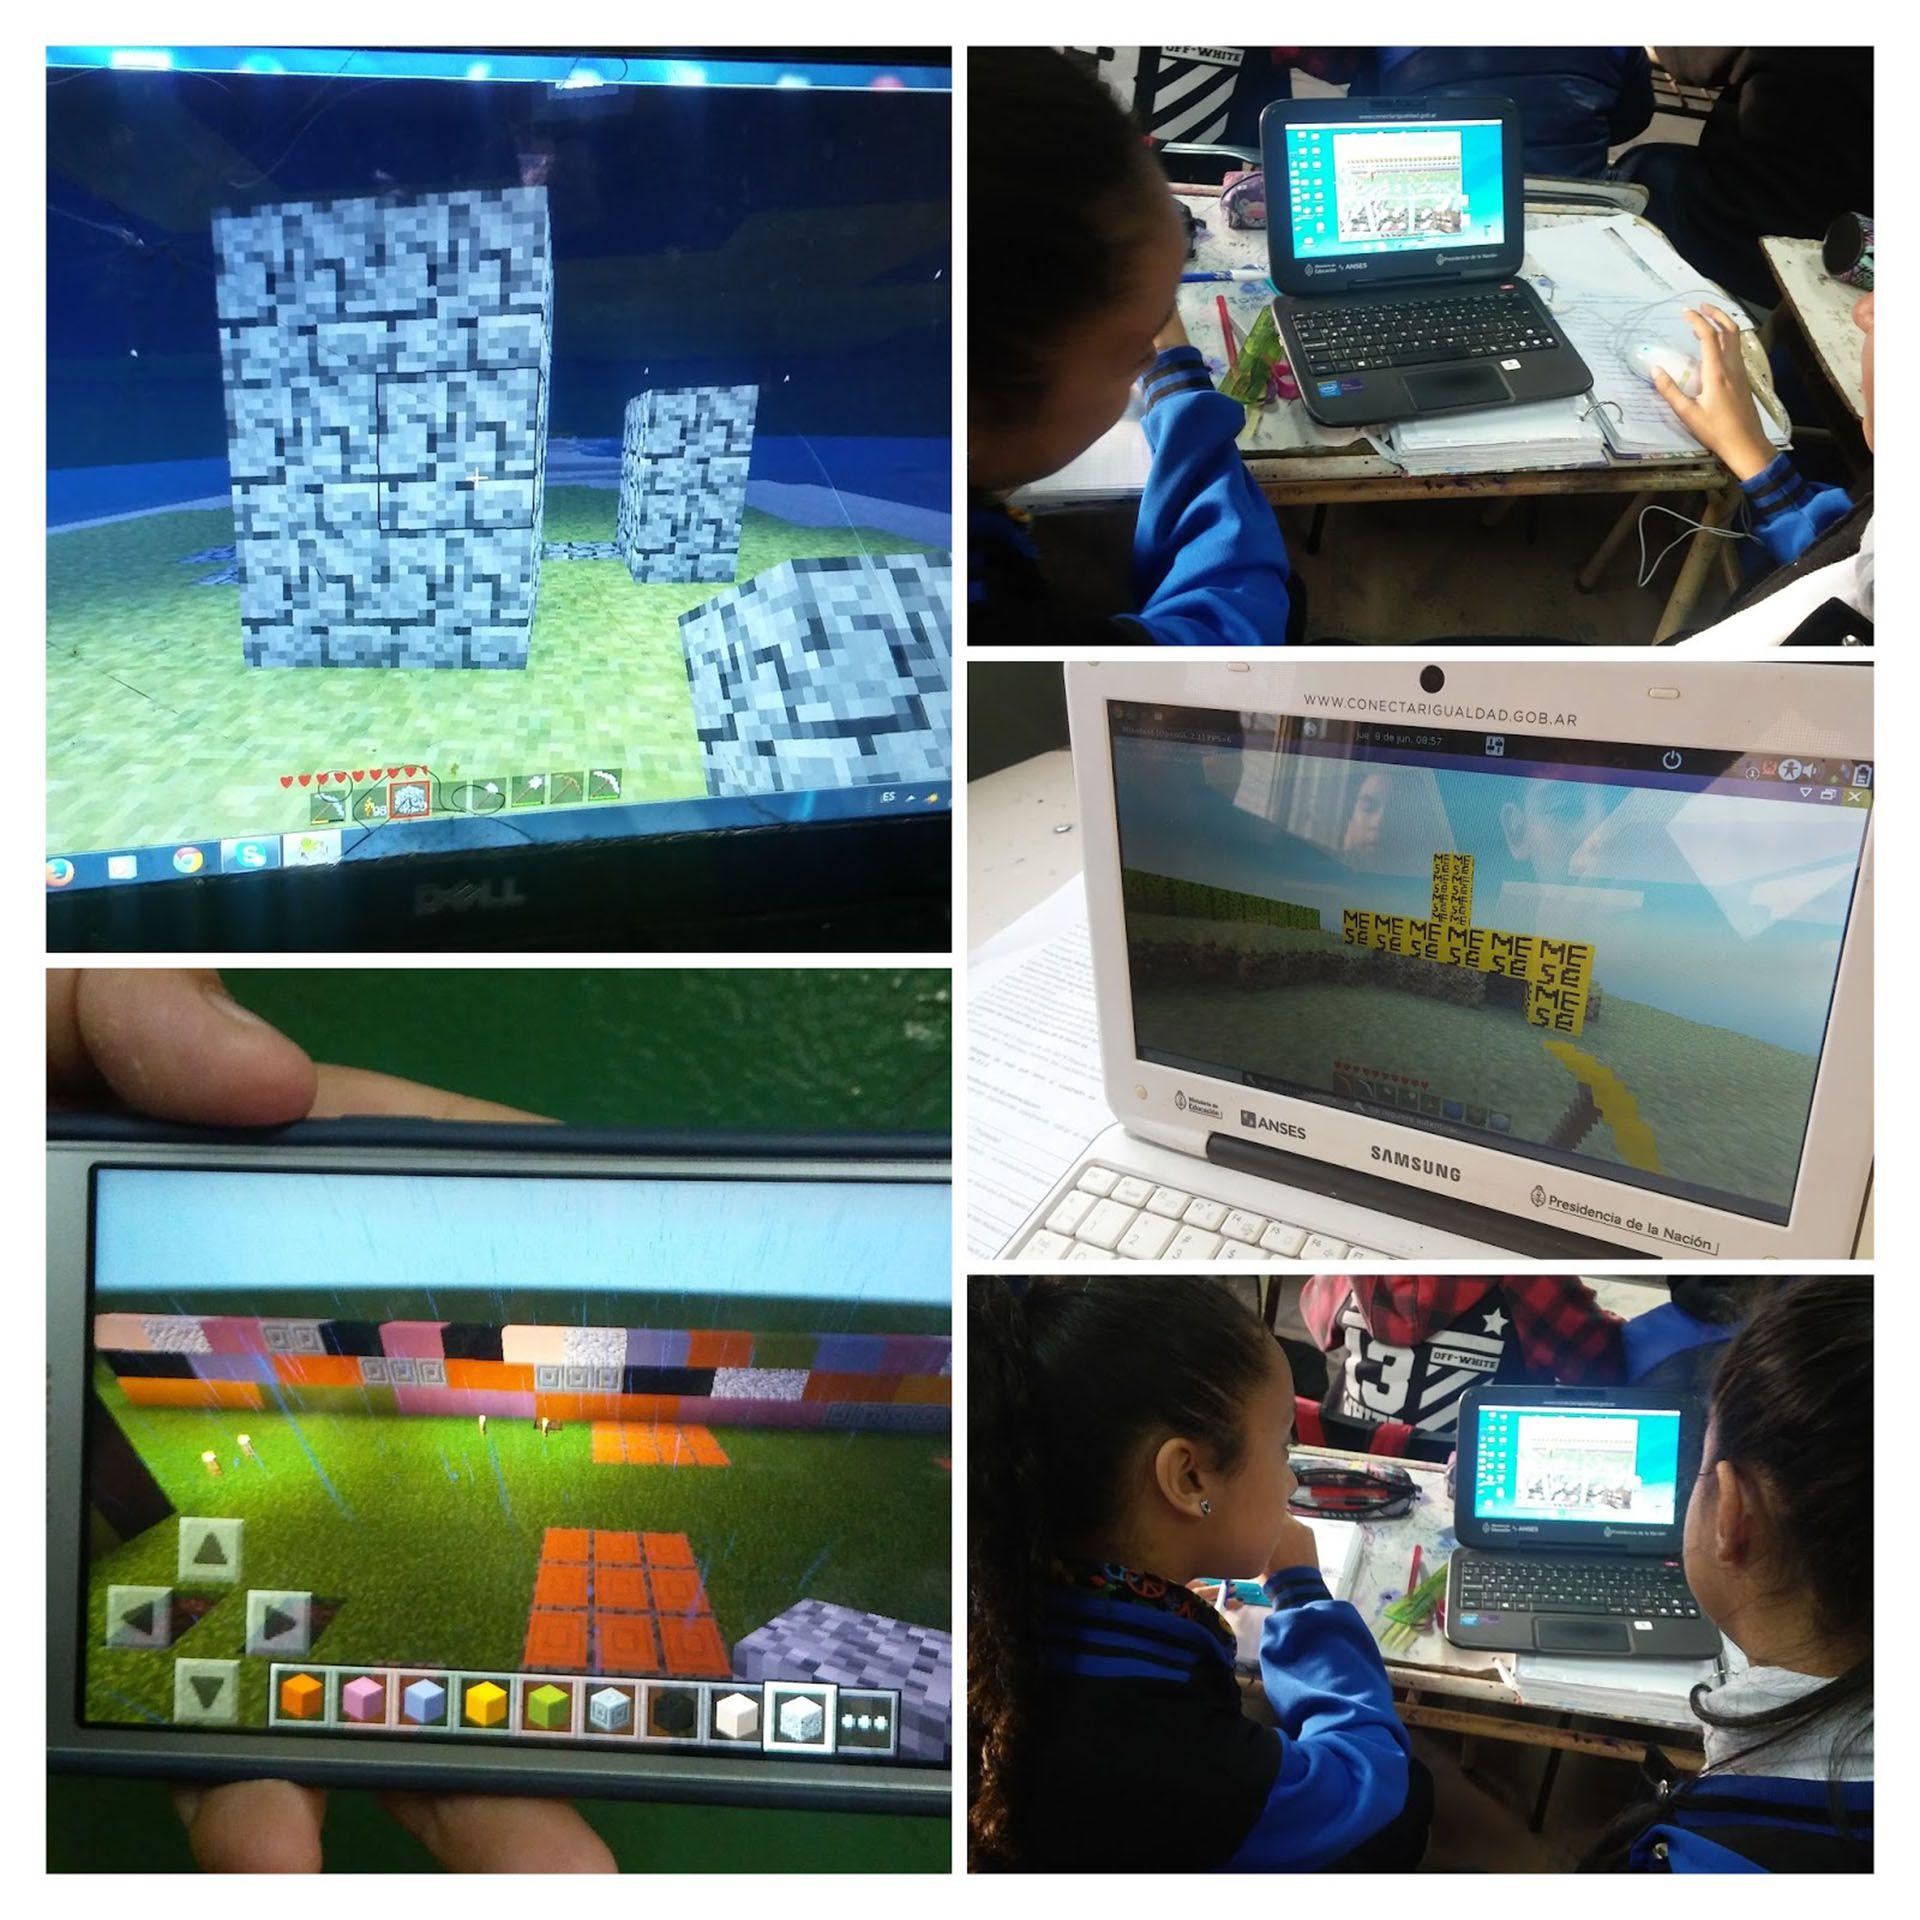 Uso de la versión cláisica de Minecraft para aprender matemática (Blog: minecraft en matemáticas)